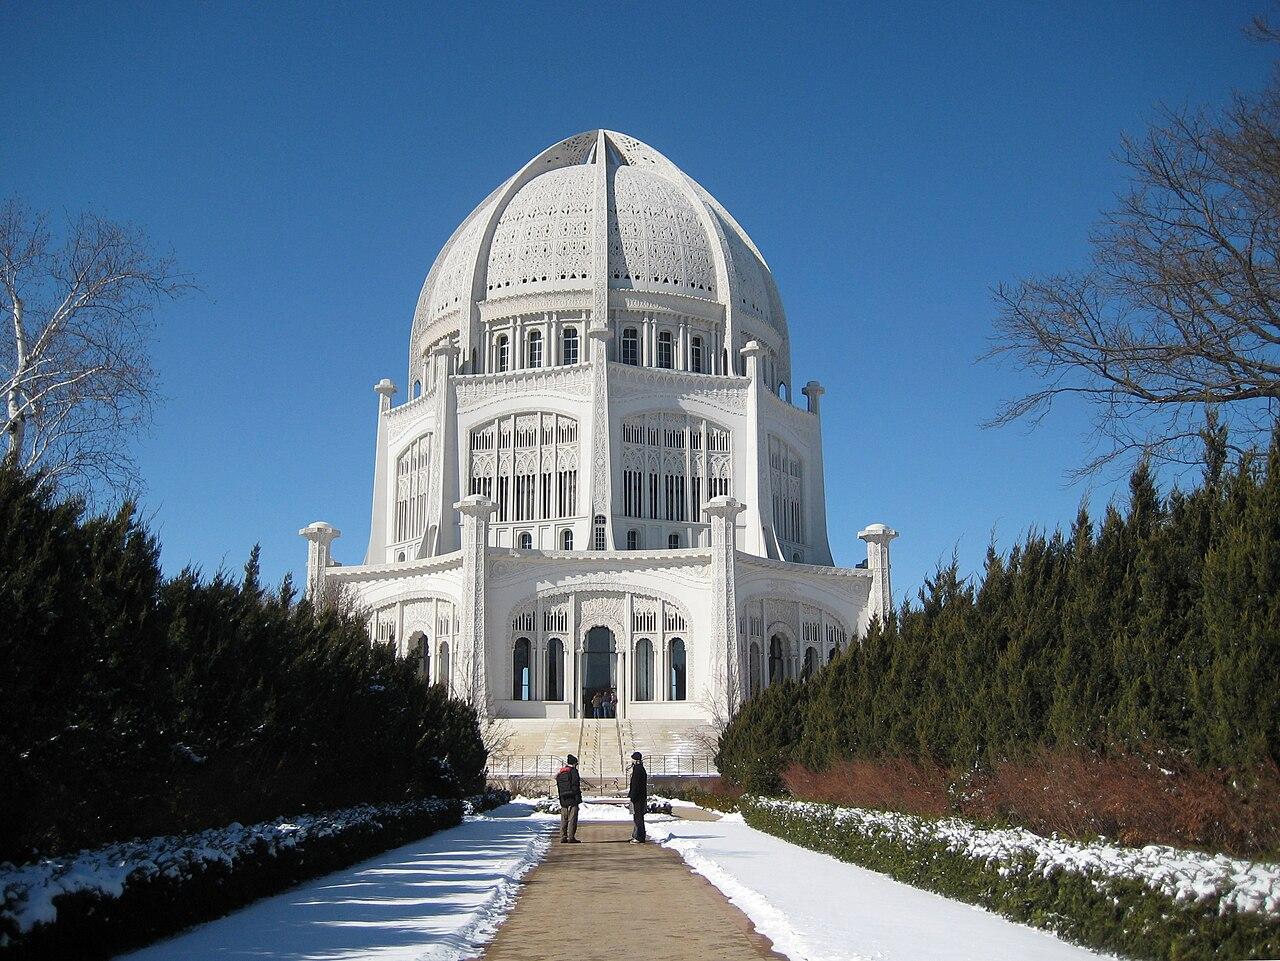 FileBahai House of Worship Evanstonjpg  Wikimedia Commons